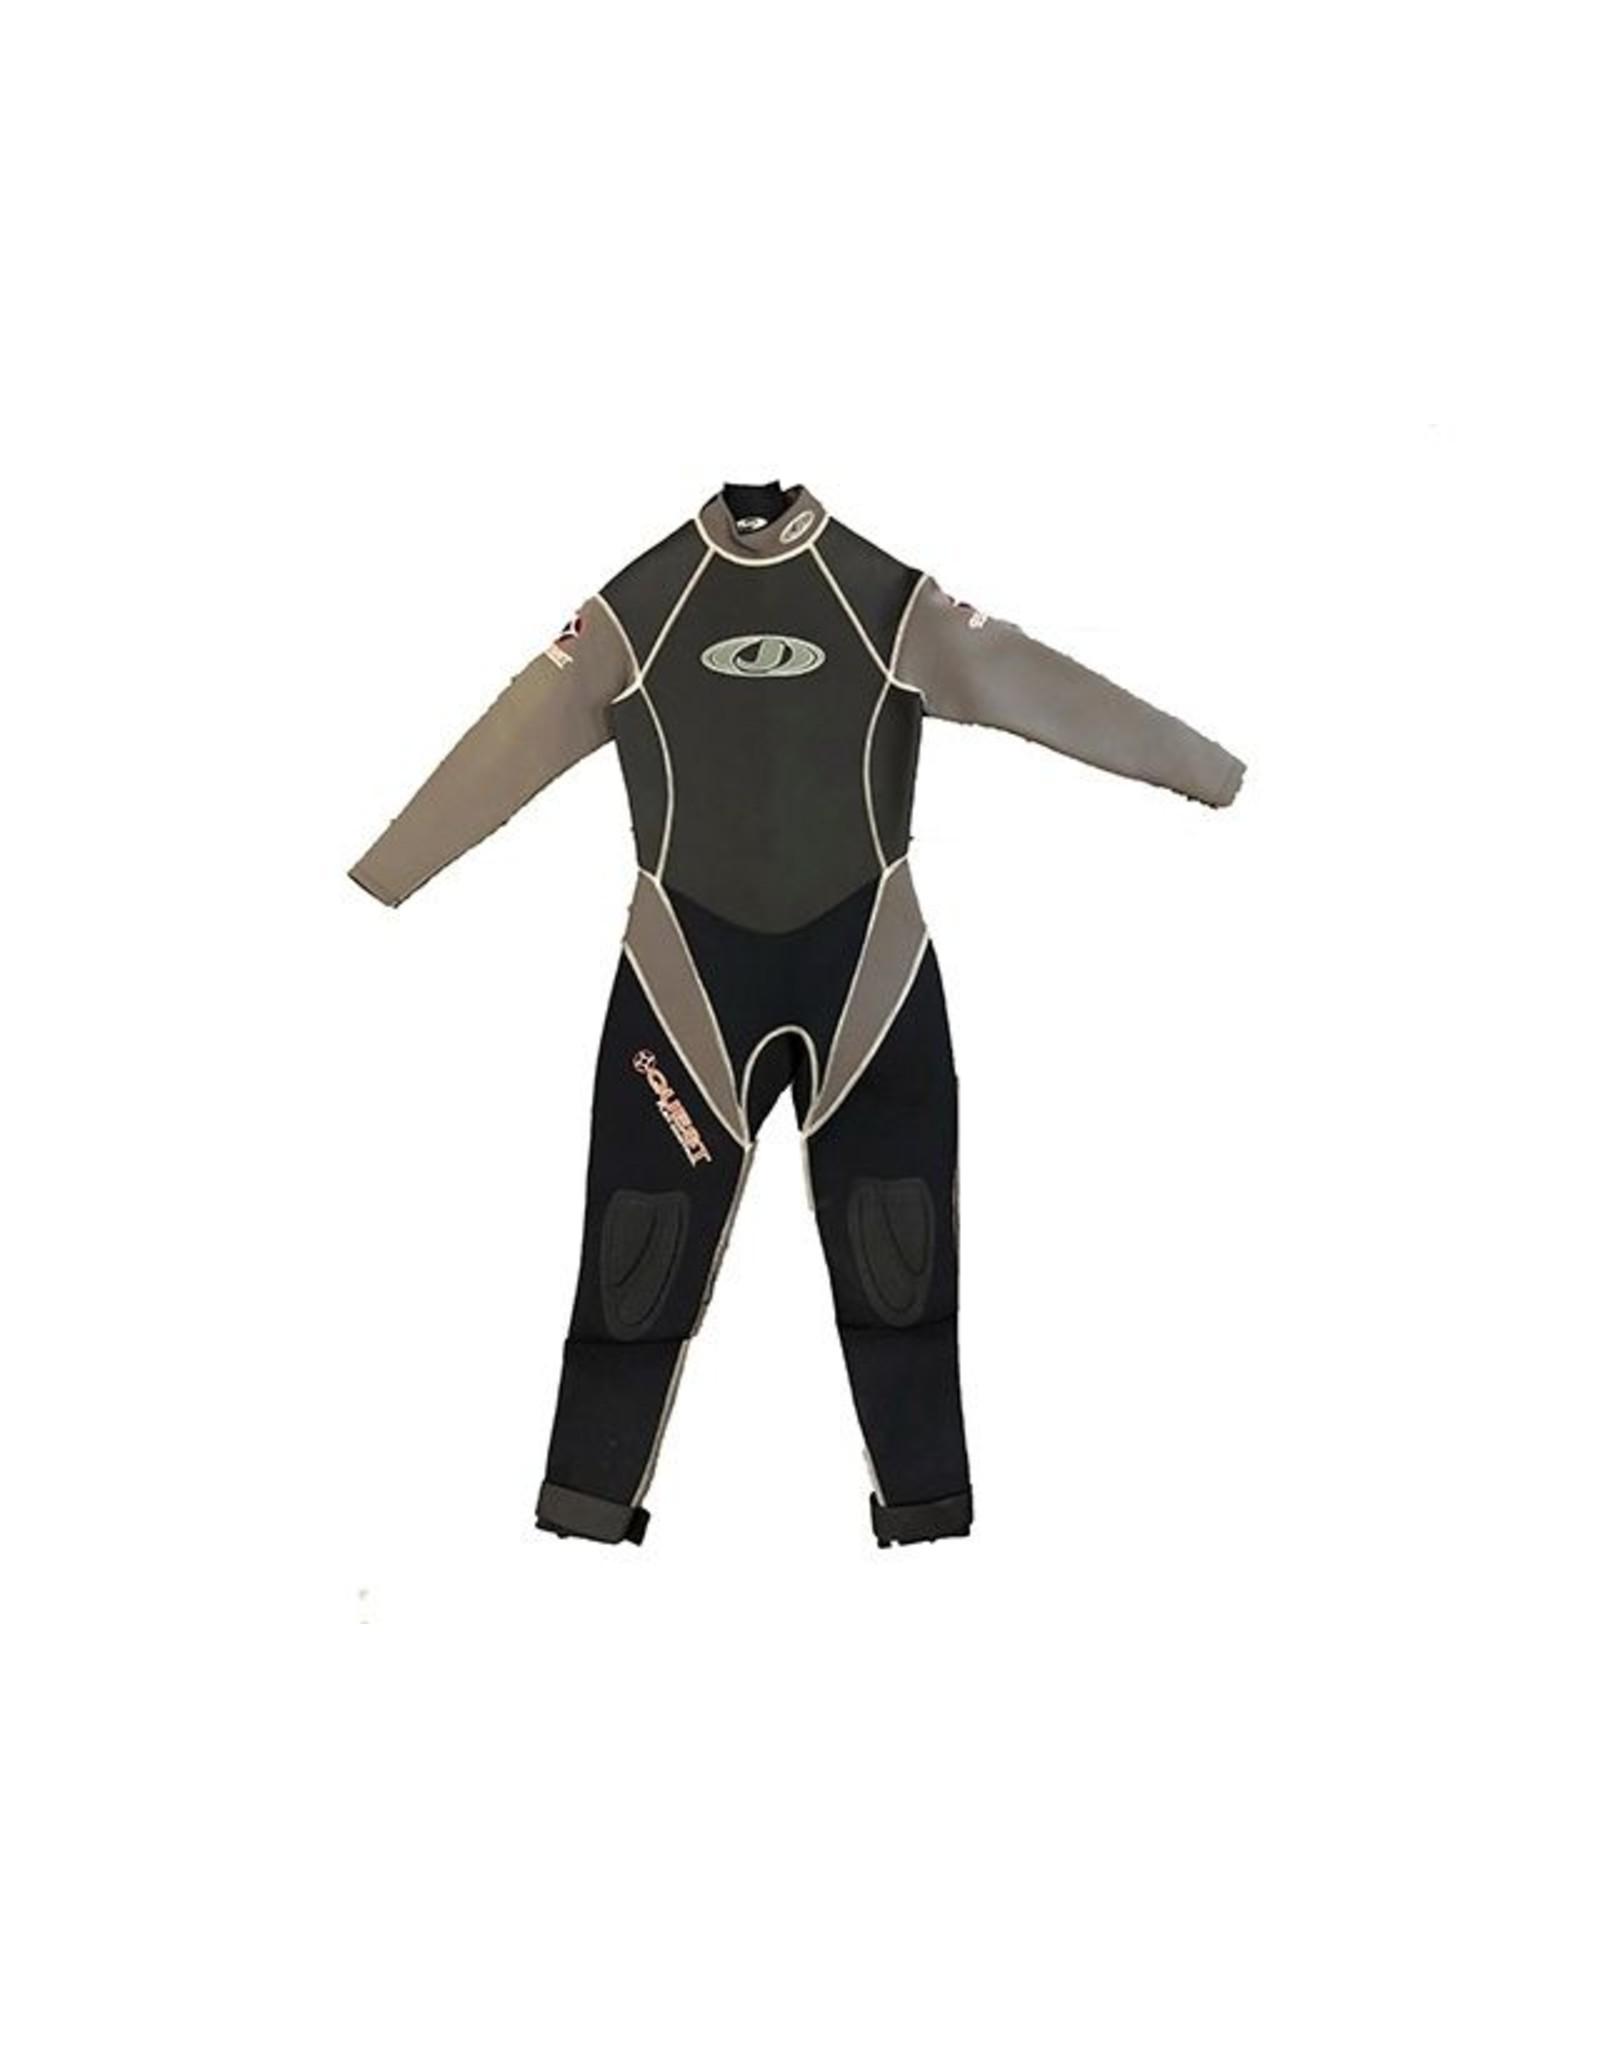 Hebor Watersport Jobe Full Suit Quest wetsuit